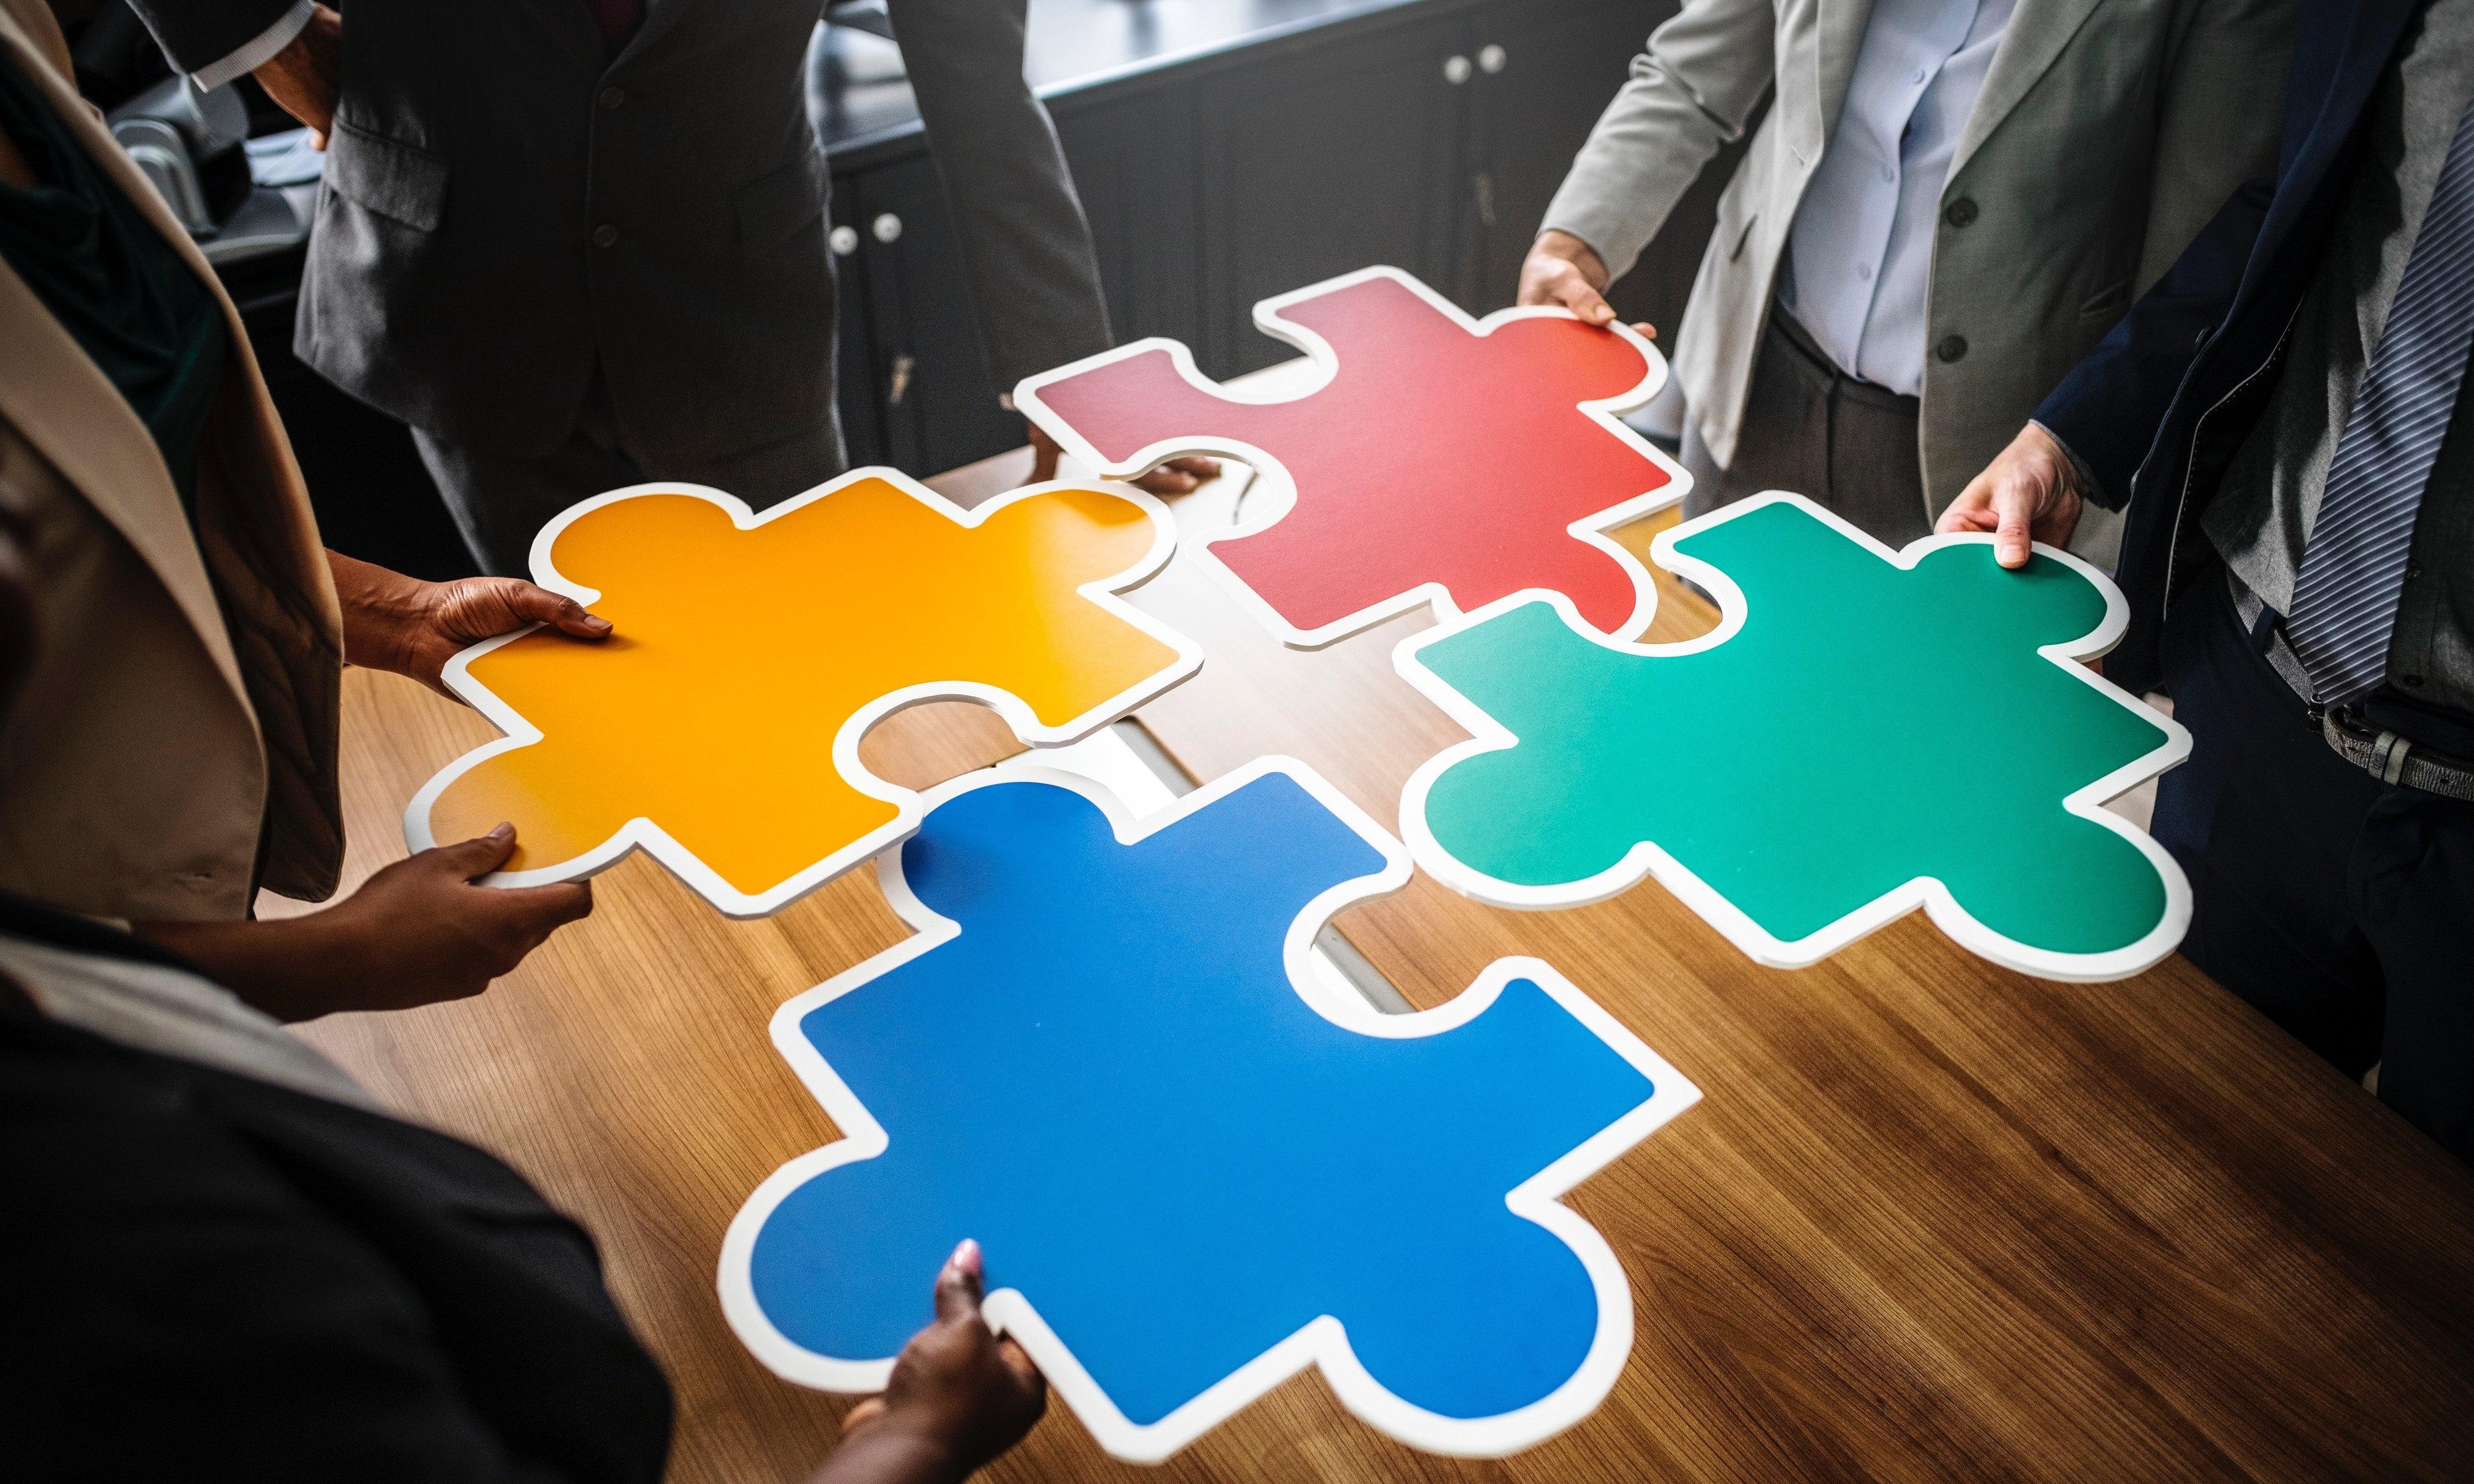 puzzle-300196-edited